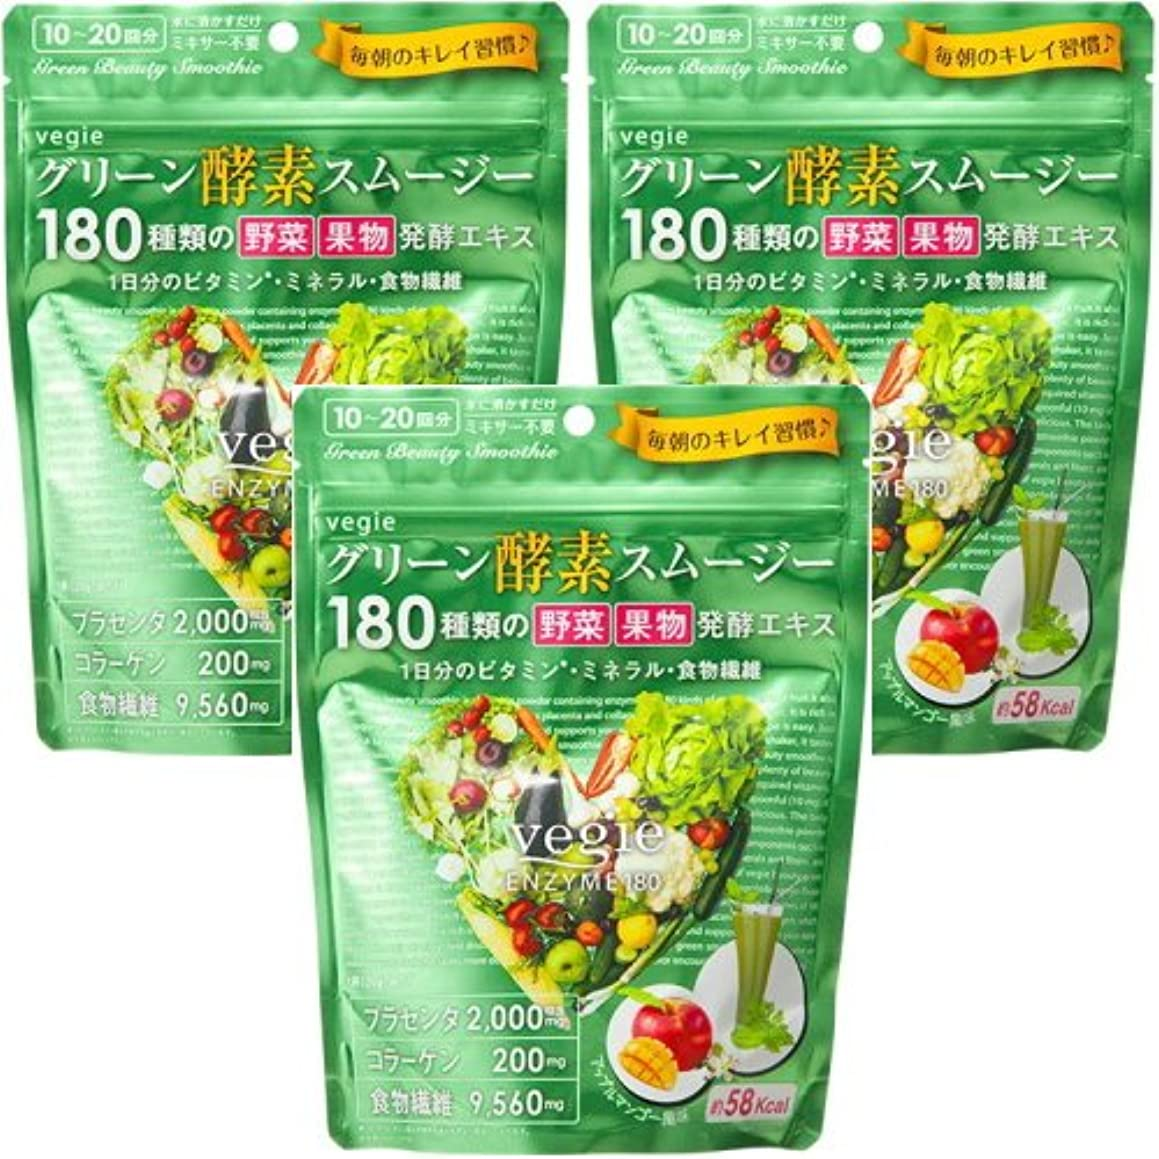 後方にうぬぼれ価値ベジエ グリーン 酵素スムージー 200g【お得な3個セット】